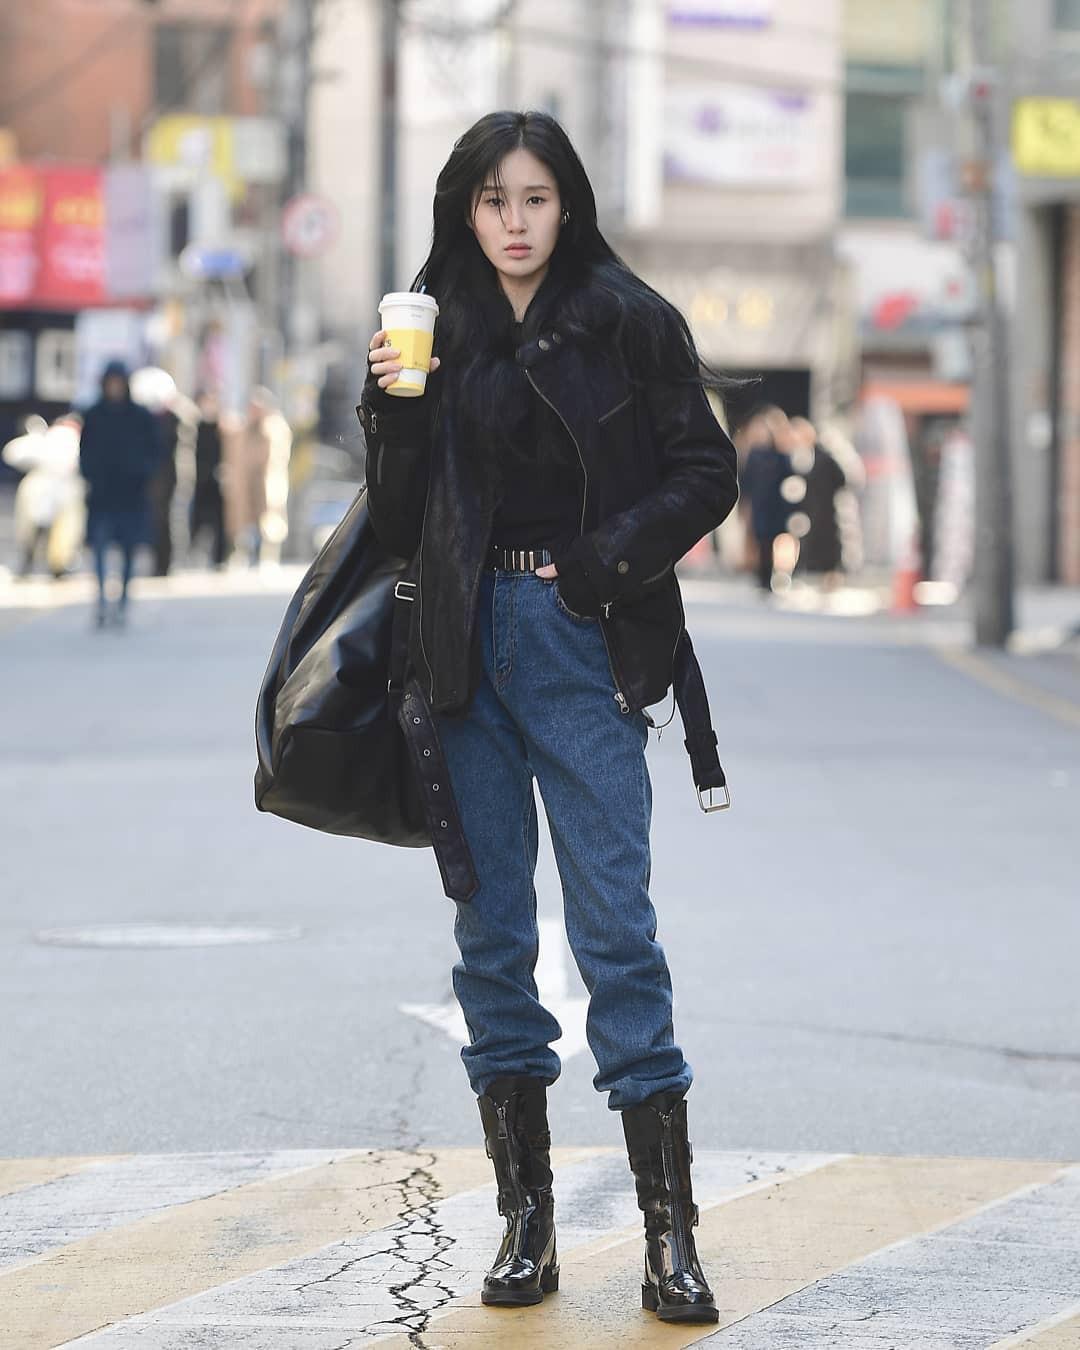 Mê phong cách đơn giản, bụi bặm hay chanh xả, bạn cũng sẽ bỏ túi được cả rổ gợi ý từ street style tuần qua của giới trẻ Hàn - Ảnh 9.